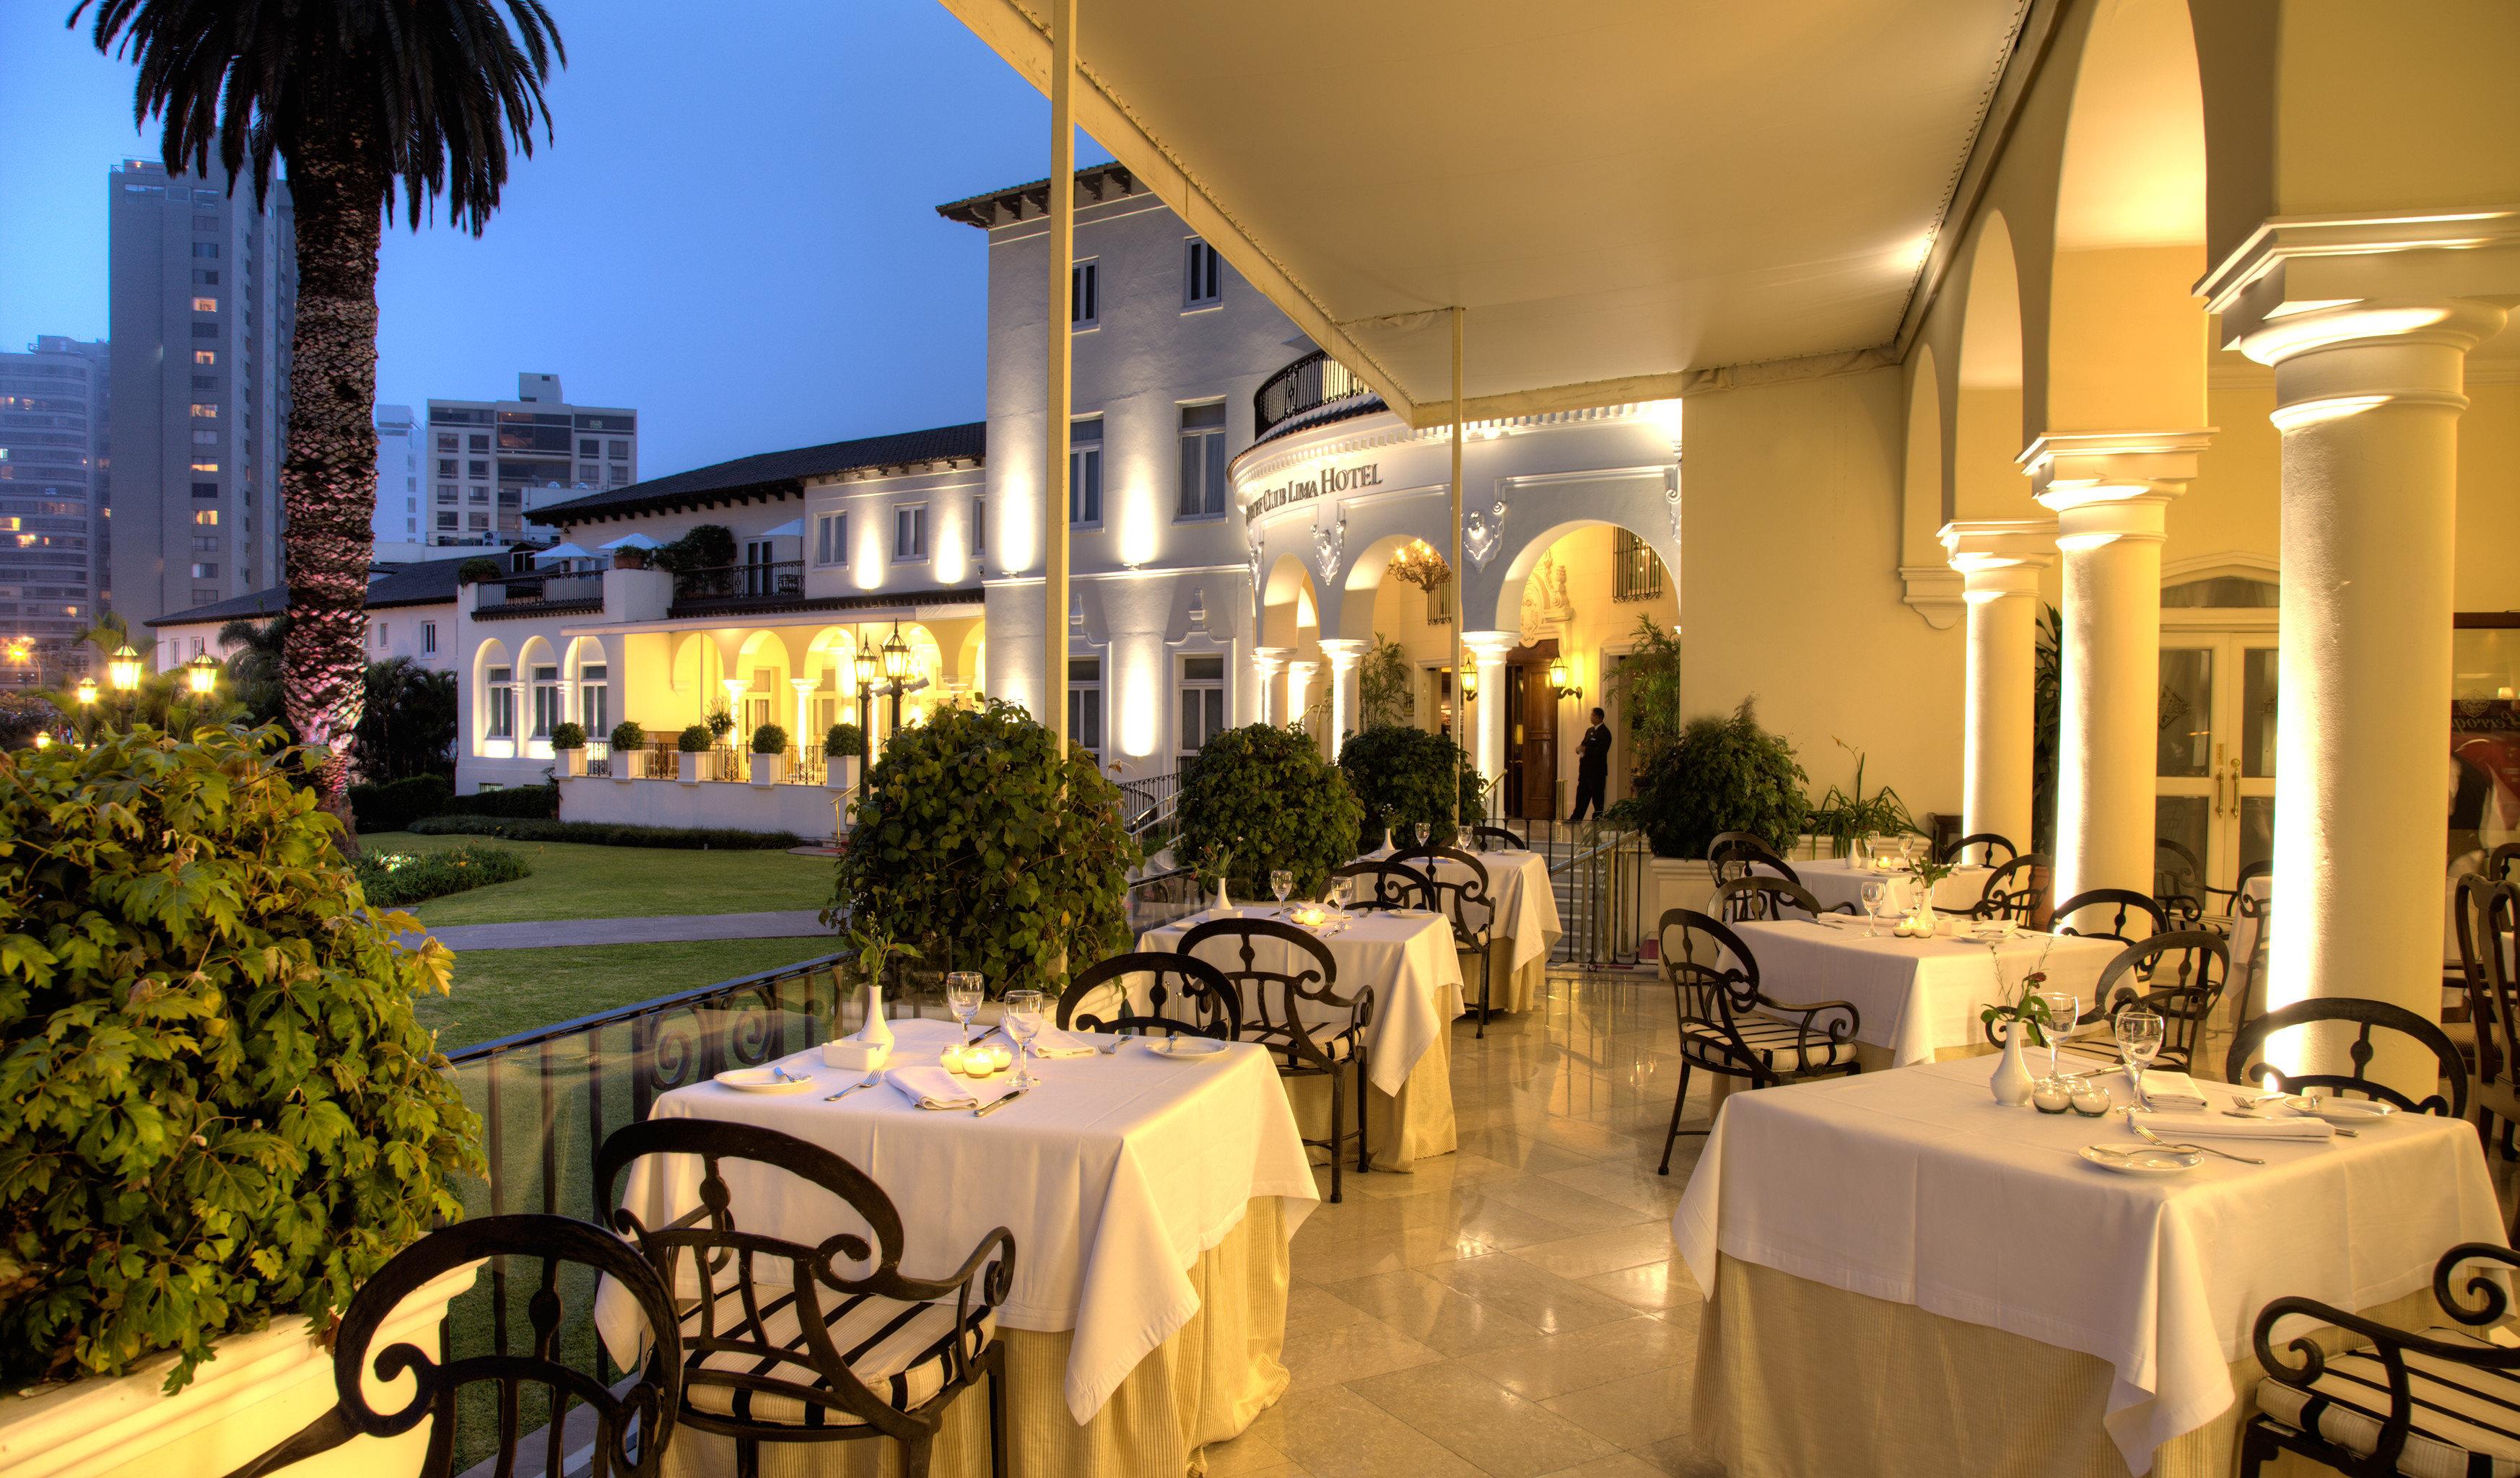 Dining Drink Eat Patio Resort restaurant lighting